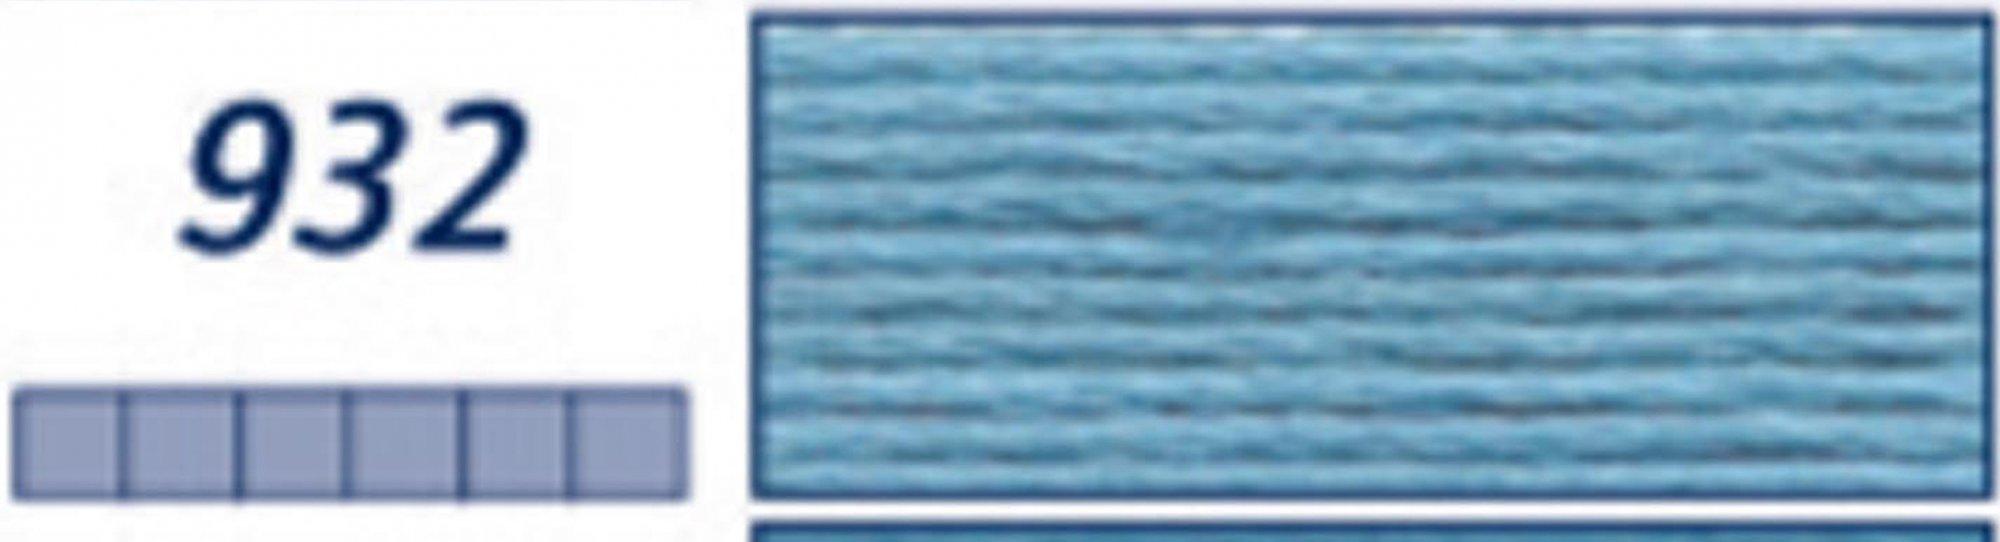 DP3-932-LT ANTIQUE BLUE